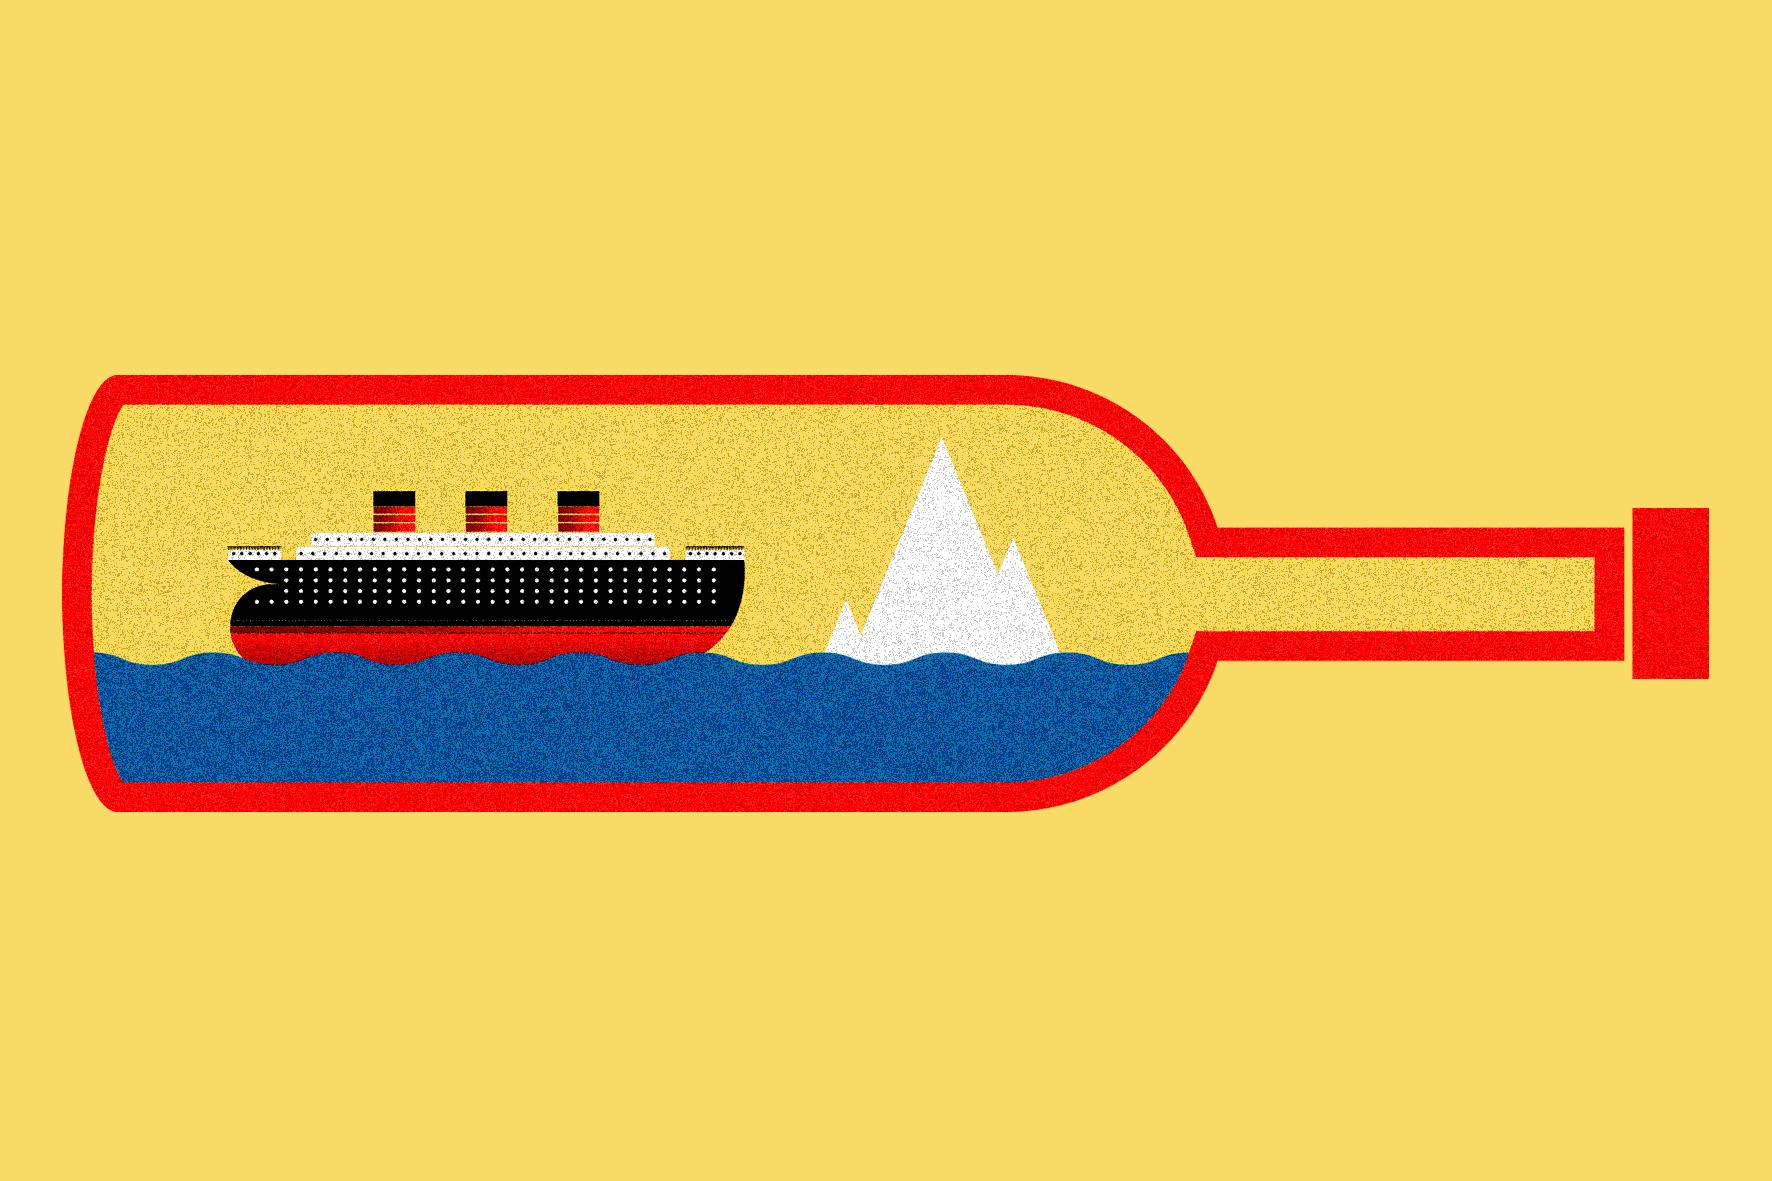 titanic samovino wein aus serbien